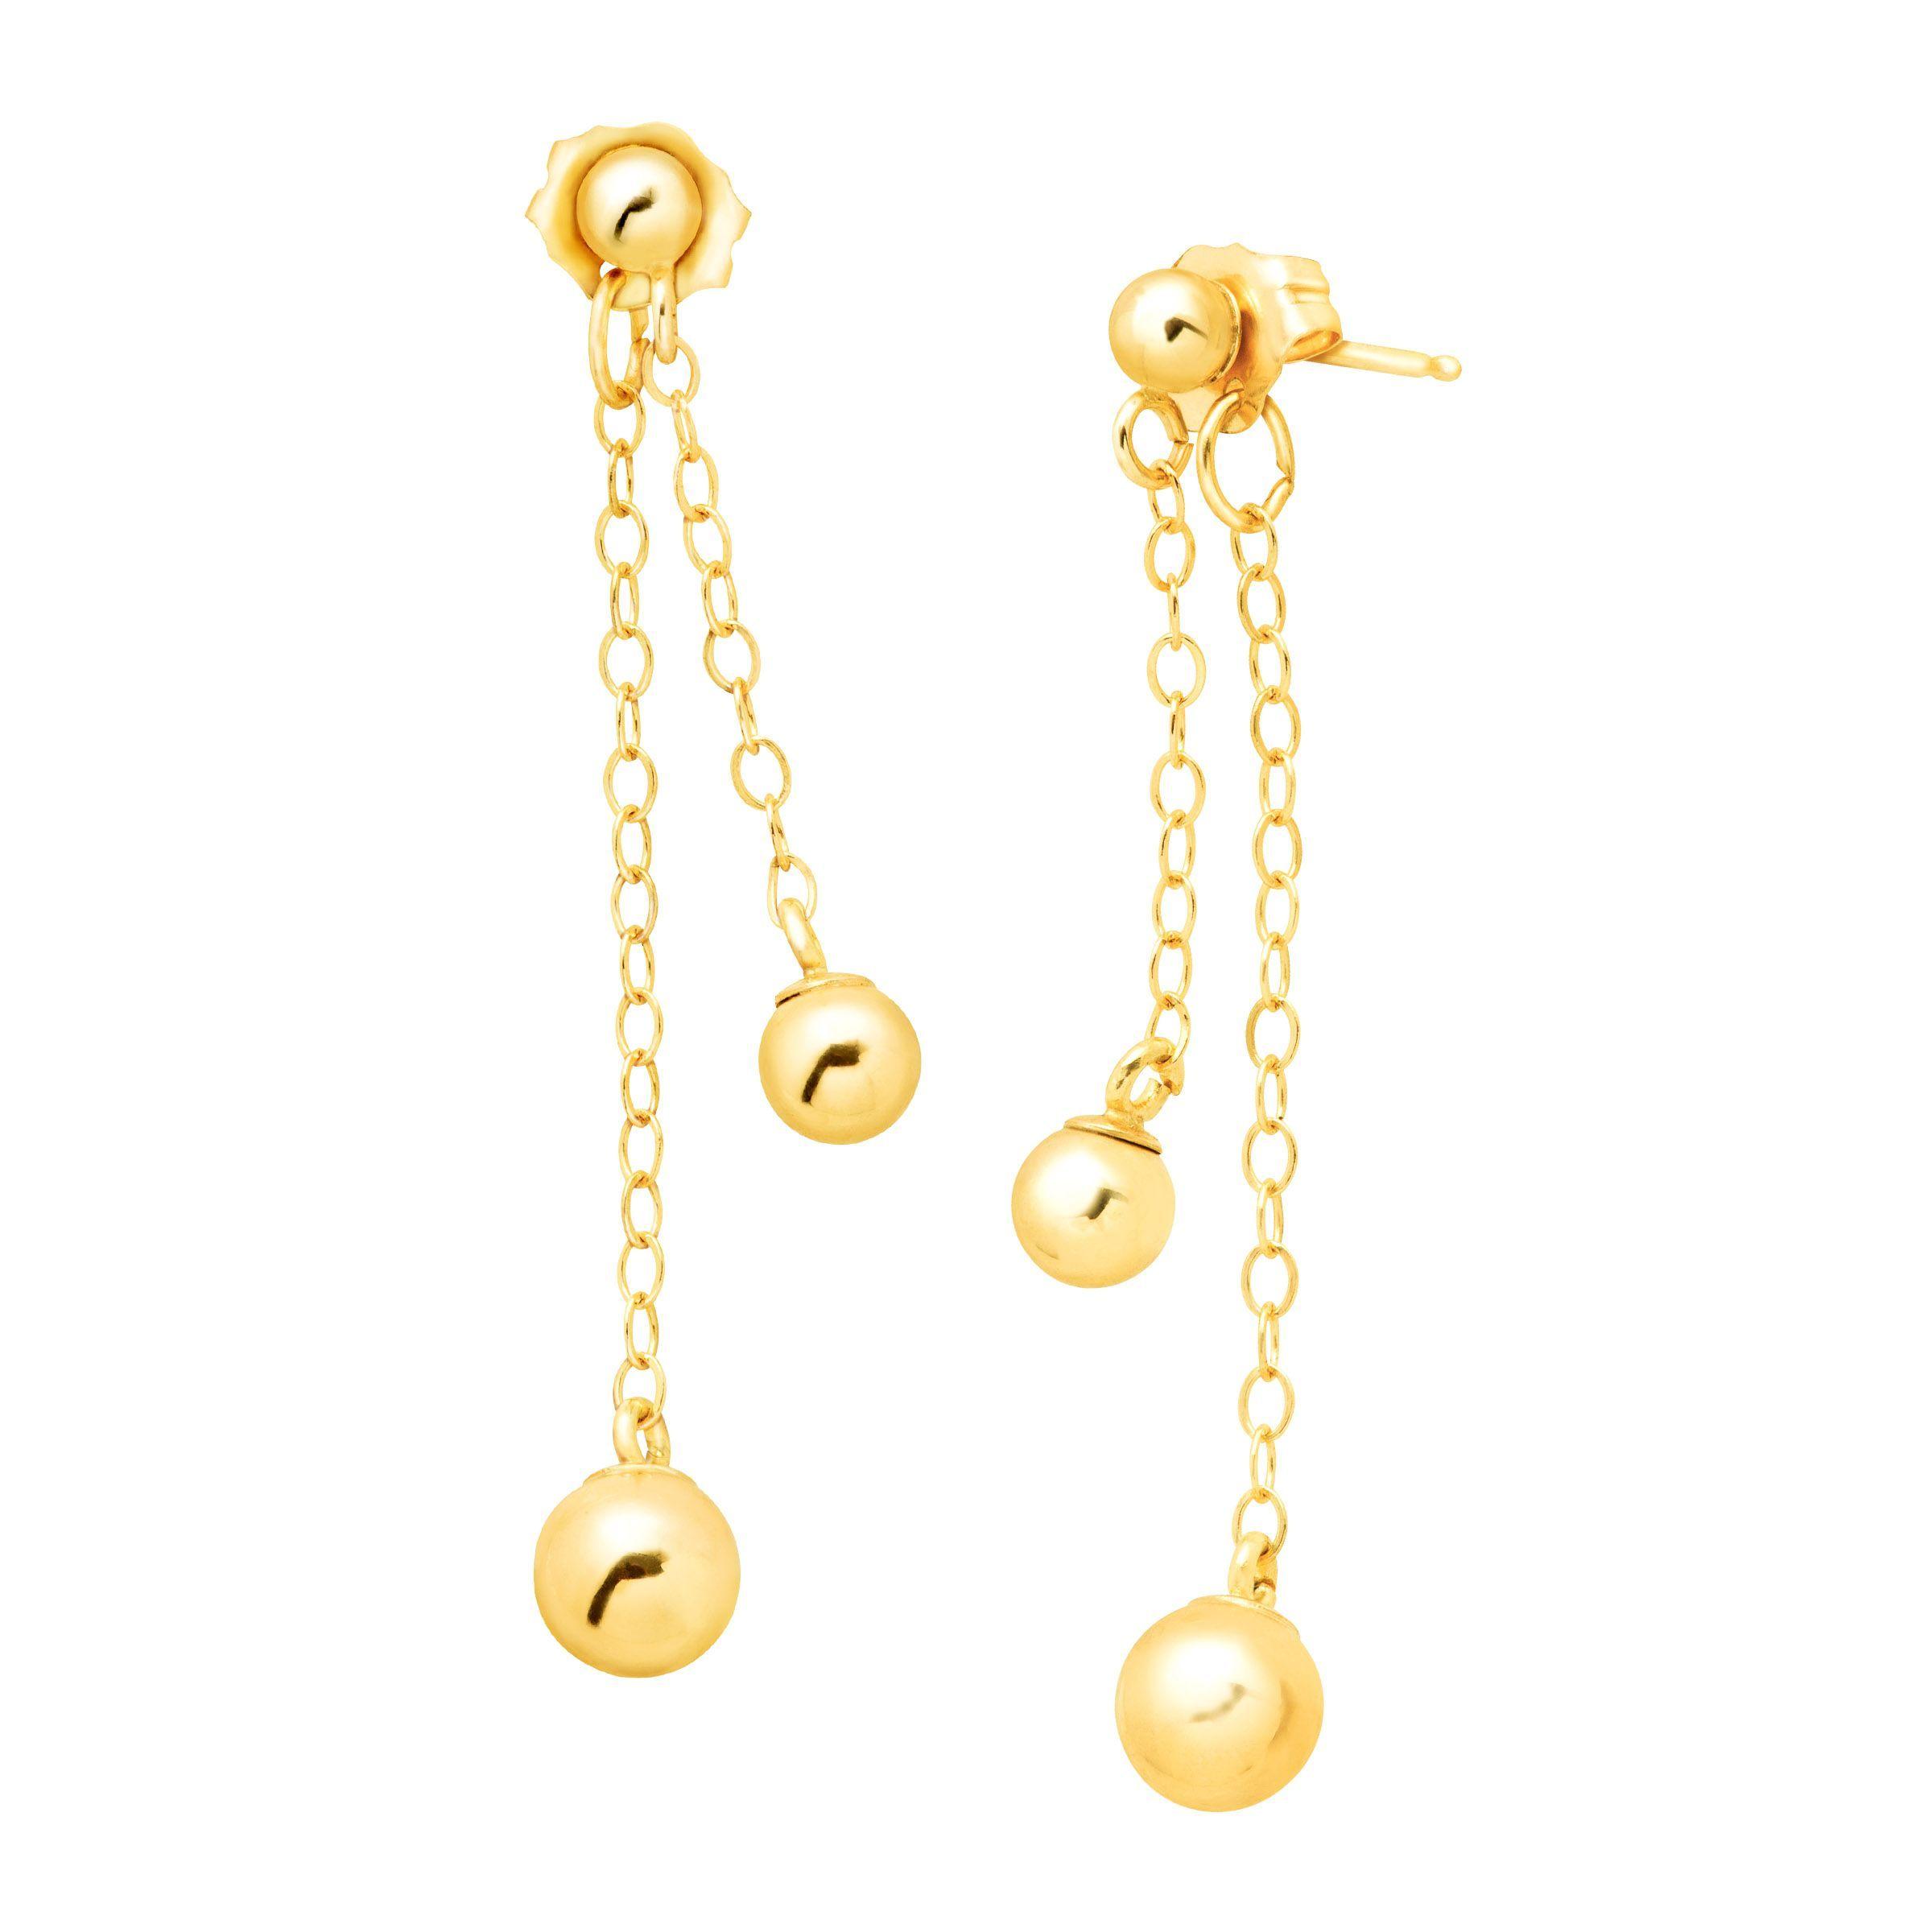 Eternity Gold Ball Drop Earrings In 10k